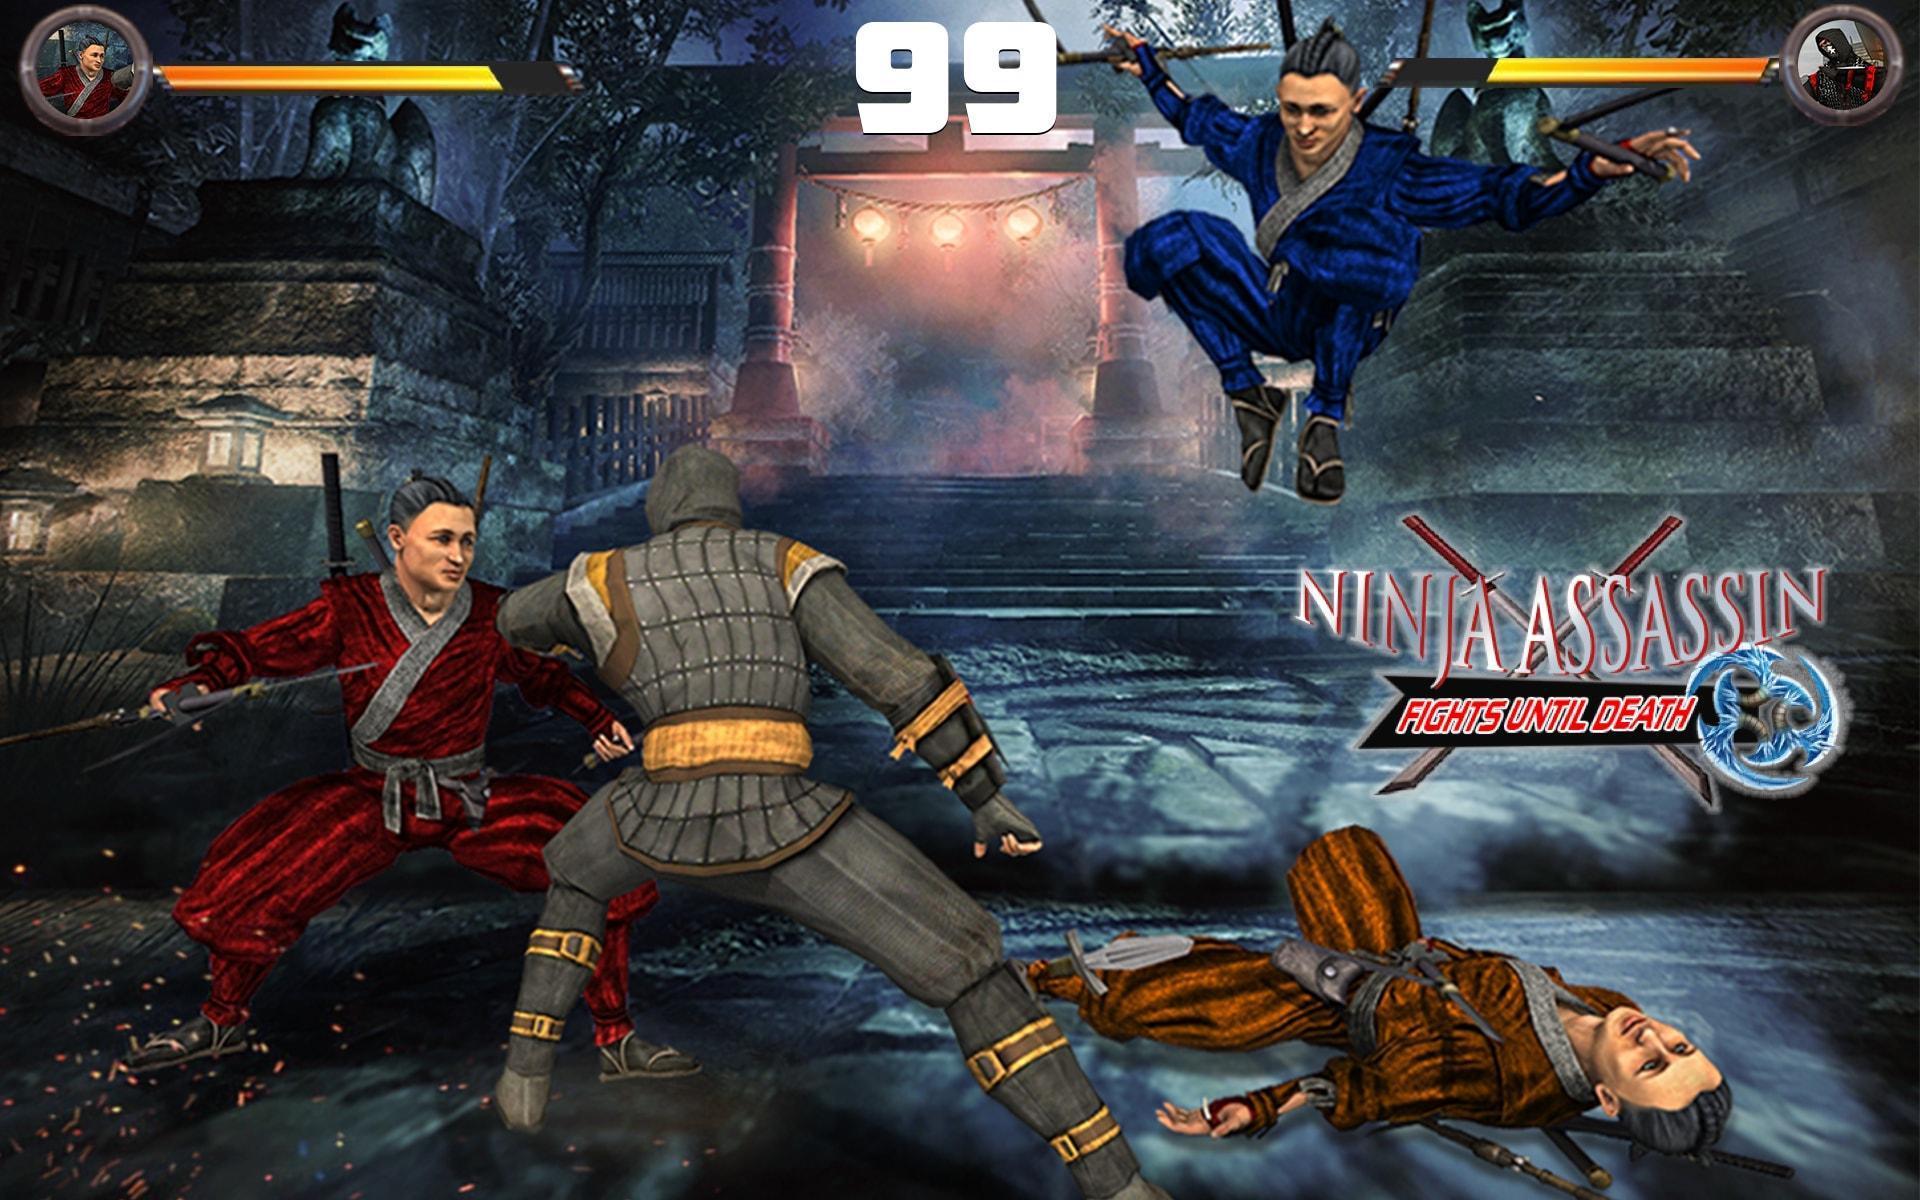 Perkelahian Sampai Mati Ninja Assassin Tag Team For Android Apk Download